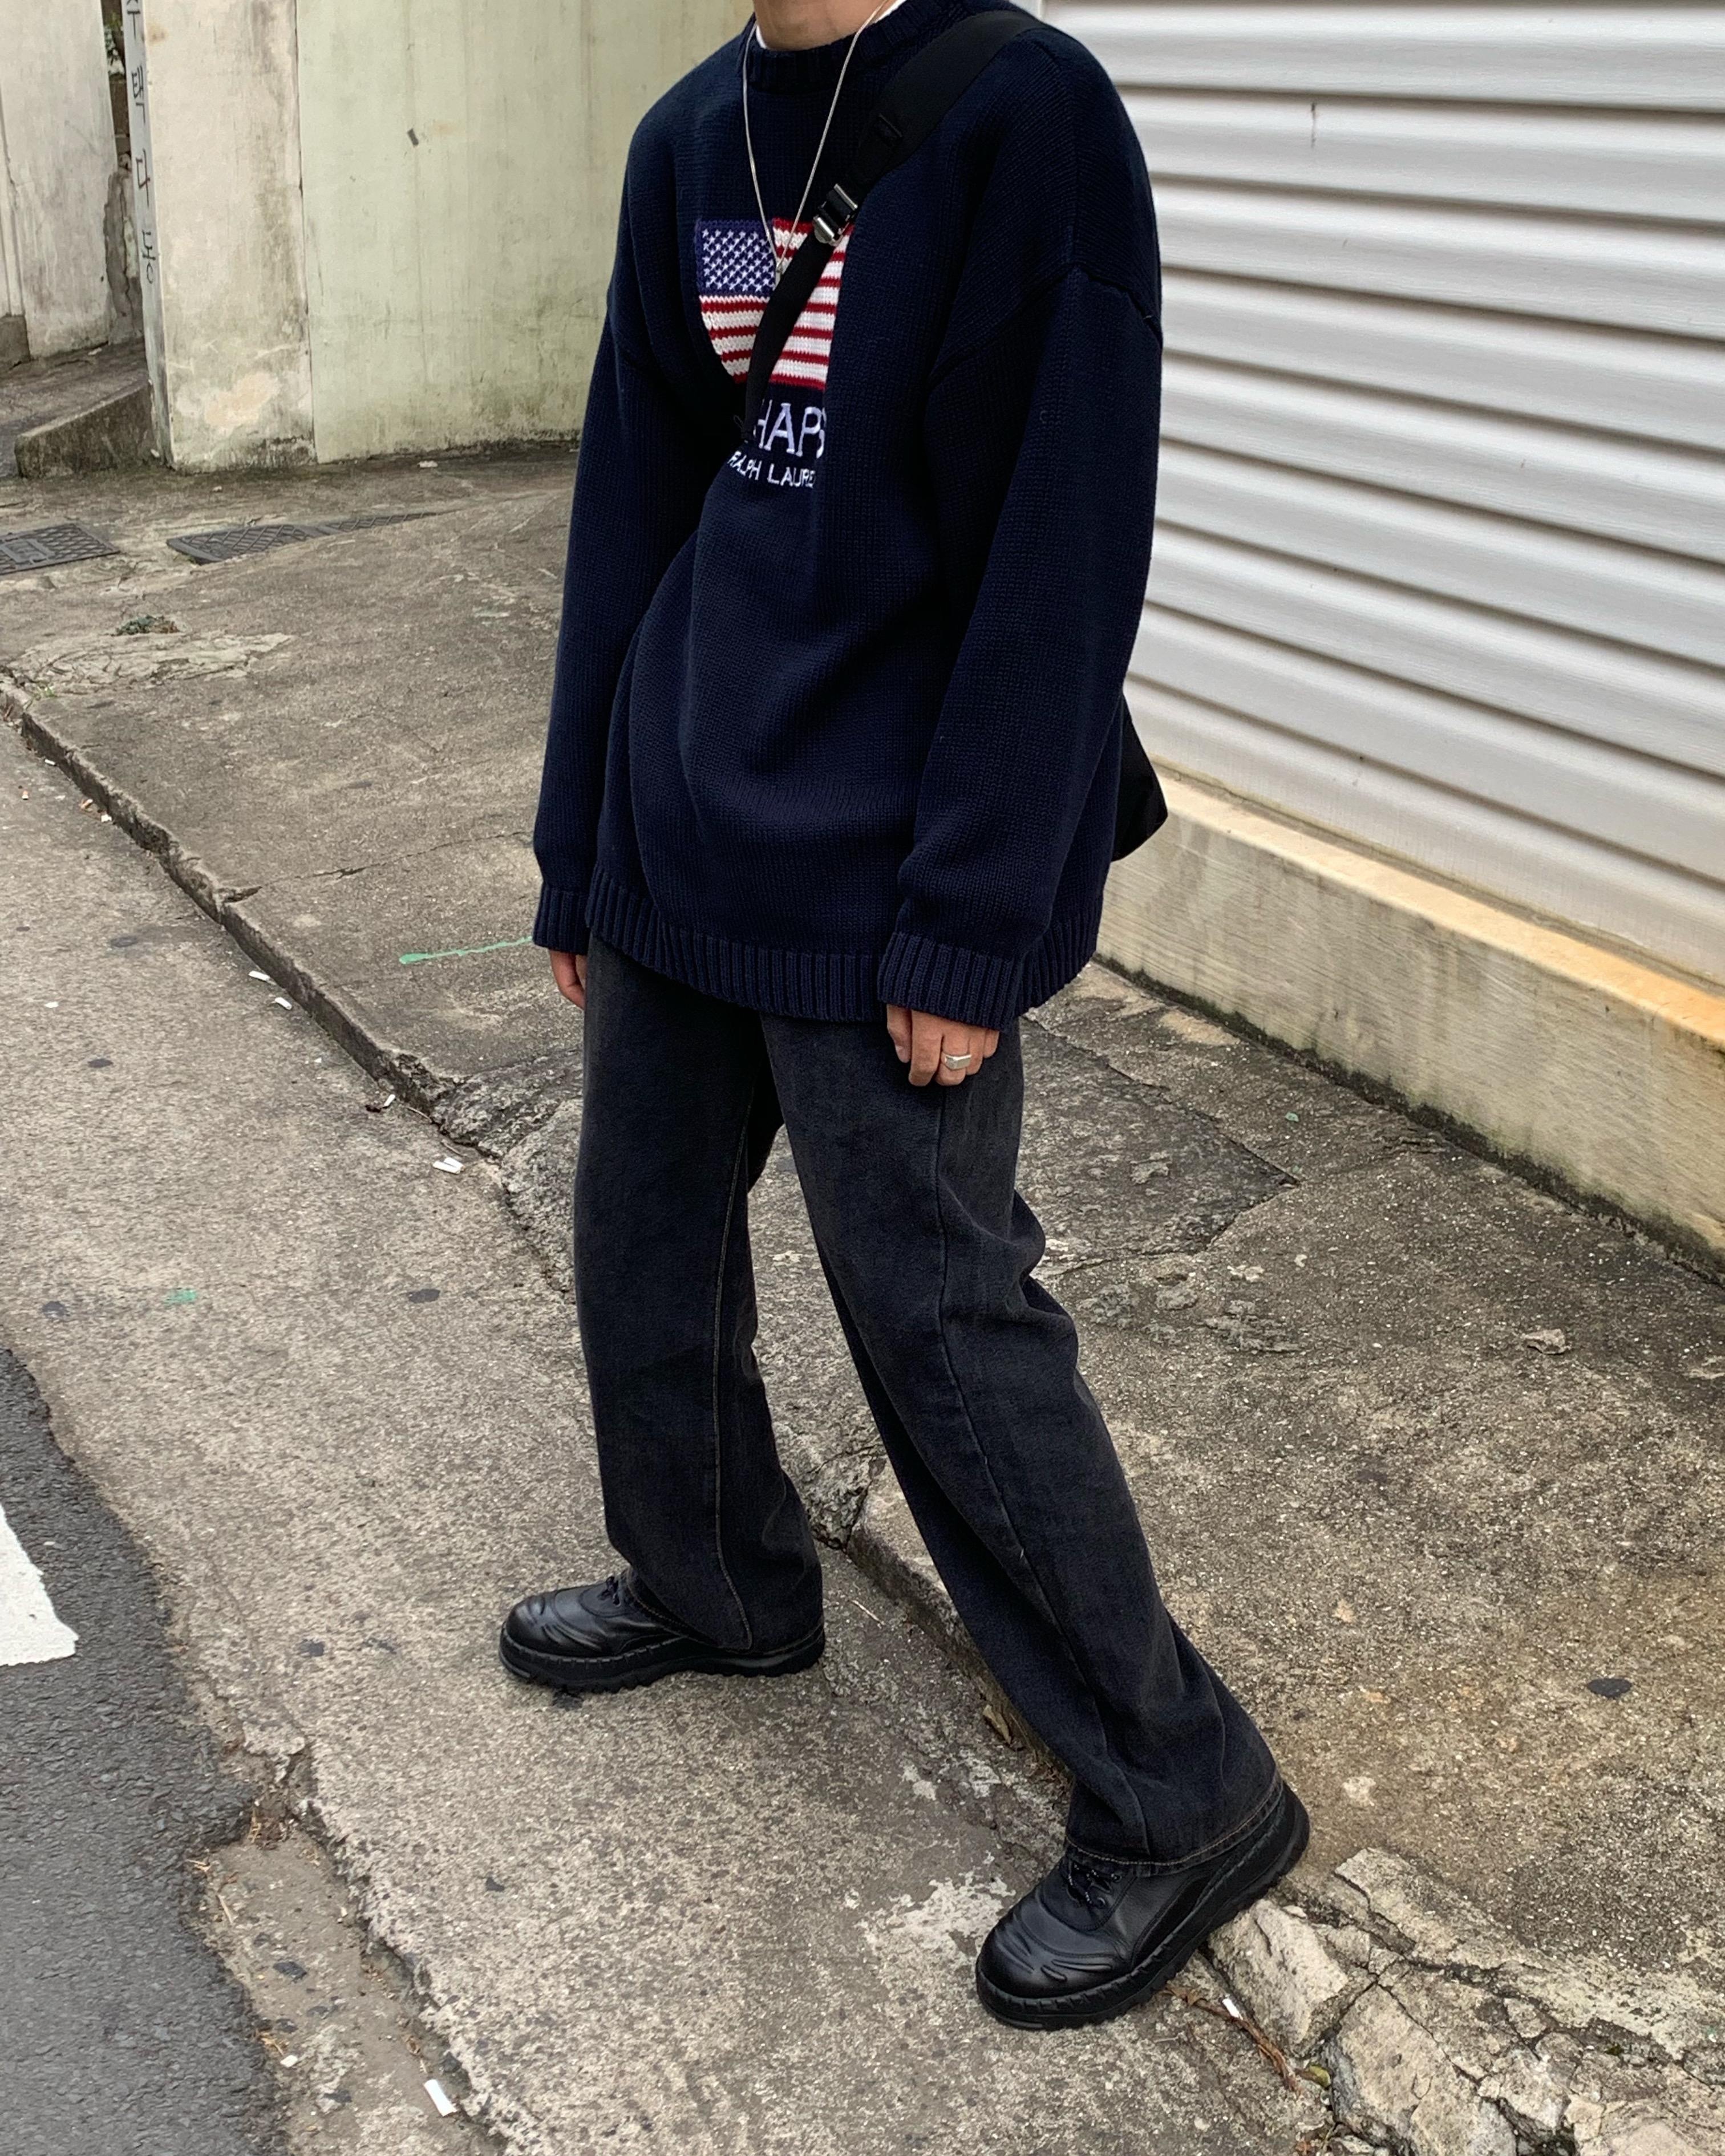 男装牛仔裤 mcmxciii 今年流行色  超带感的 深灰牛仔裤老爹直筒裤男宽松版型_推荐淘宝好看的男牛仔裤